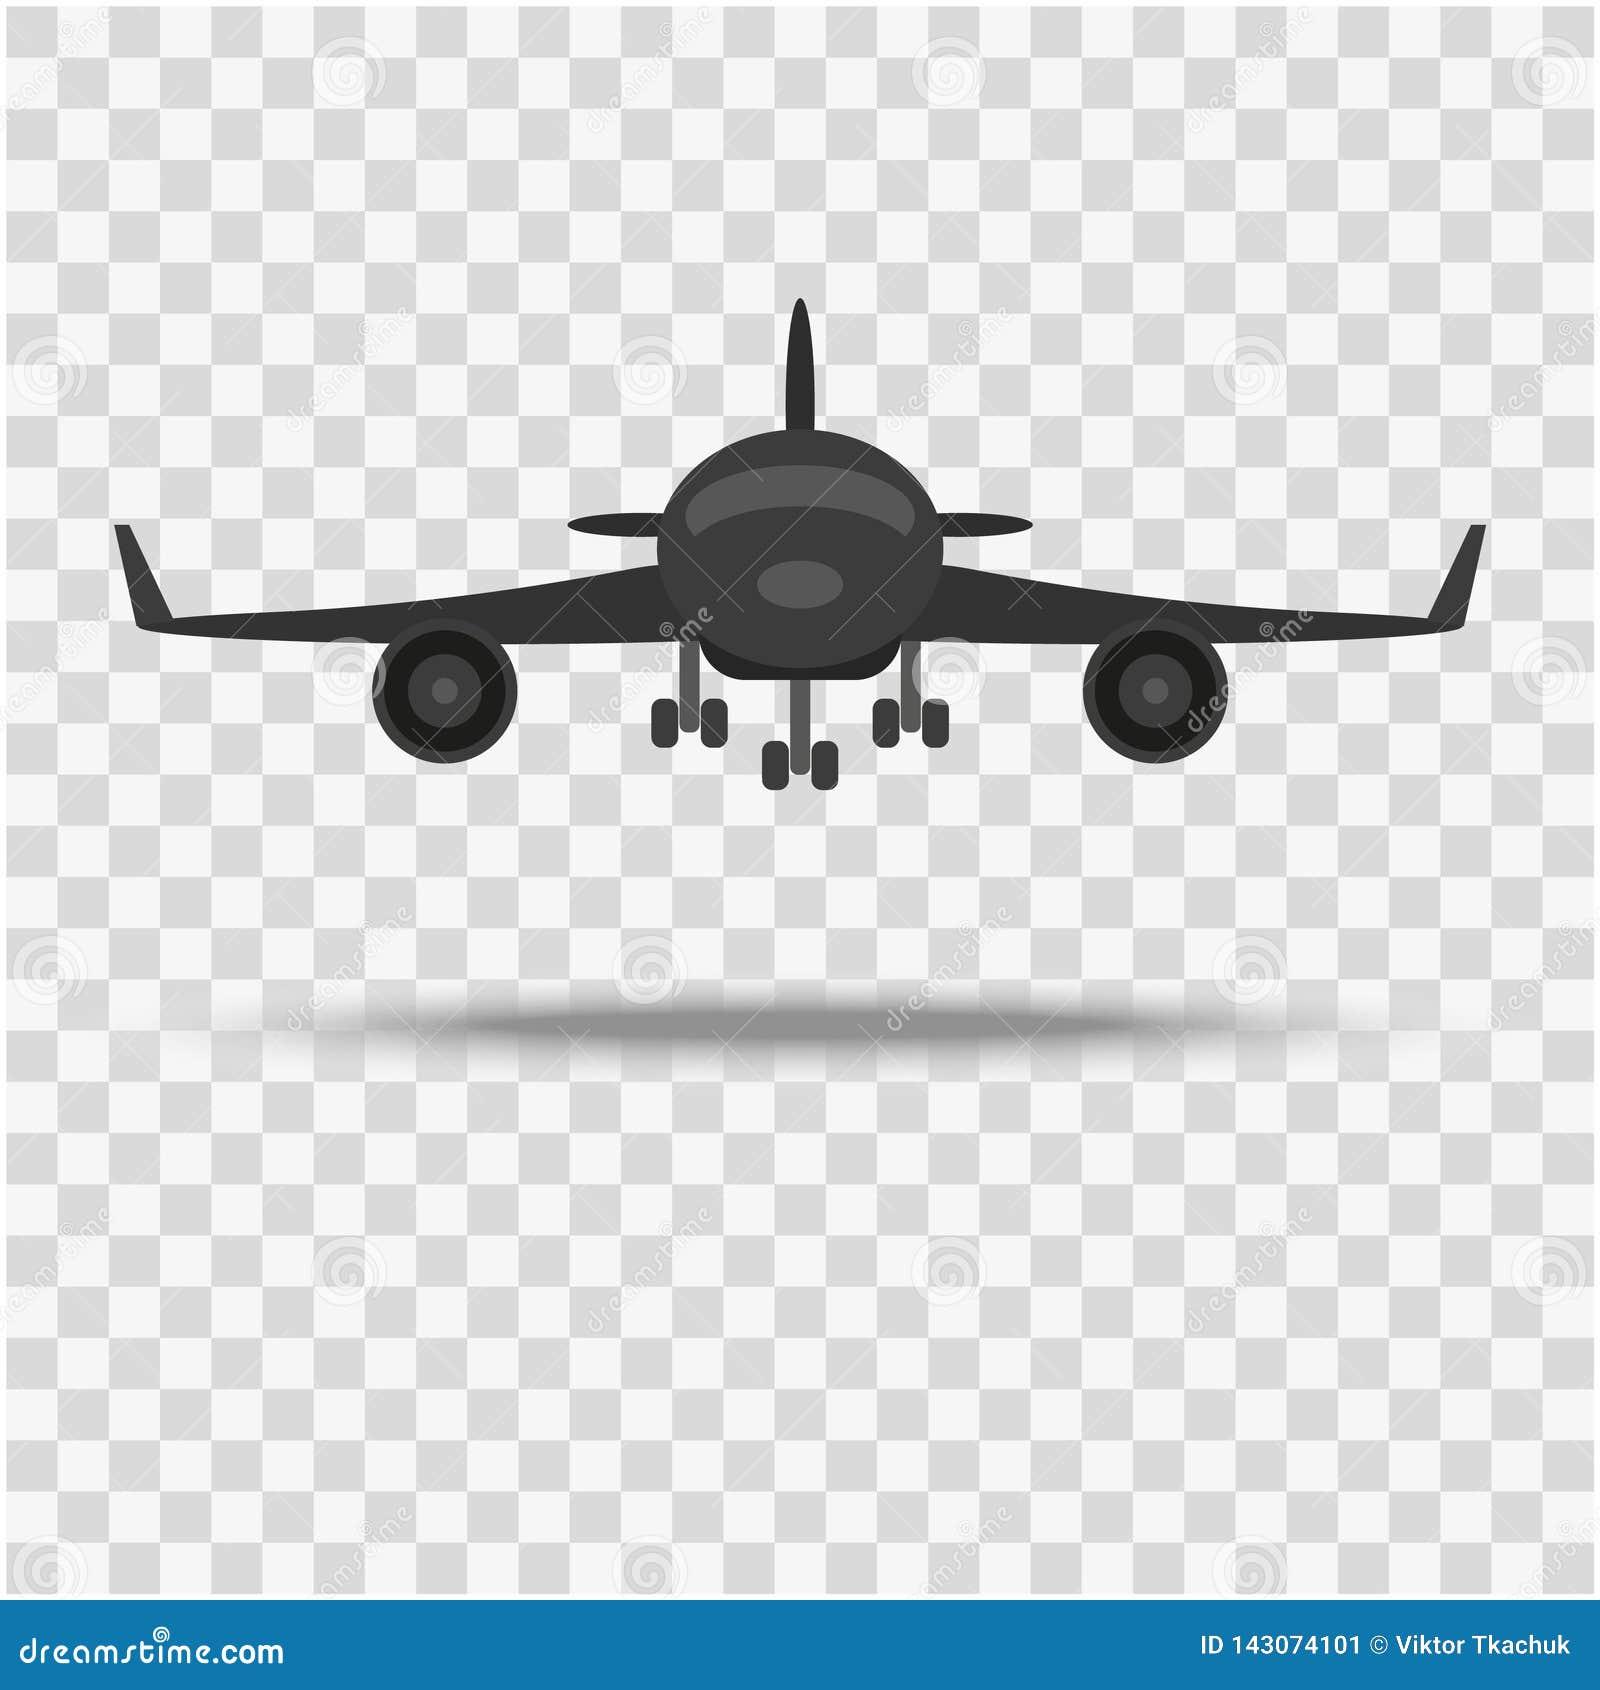 Το αεροπλάνο, μια μπροστινή άποψη σε ένα υπόβαθρο με μια σκιά